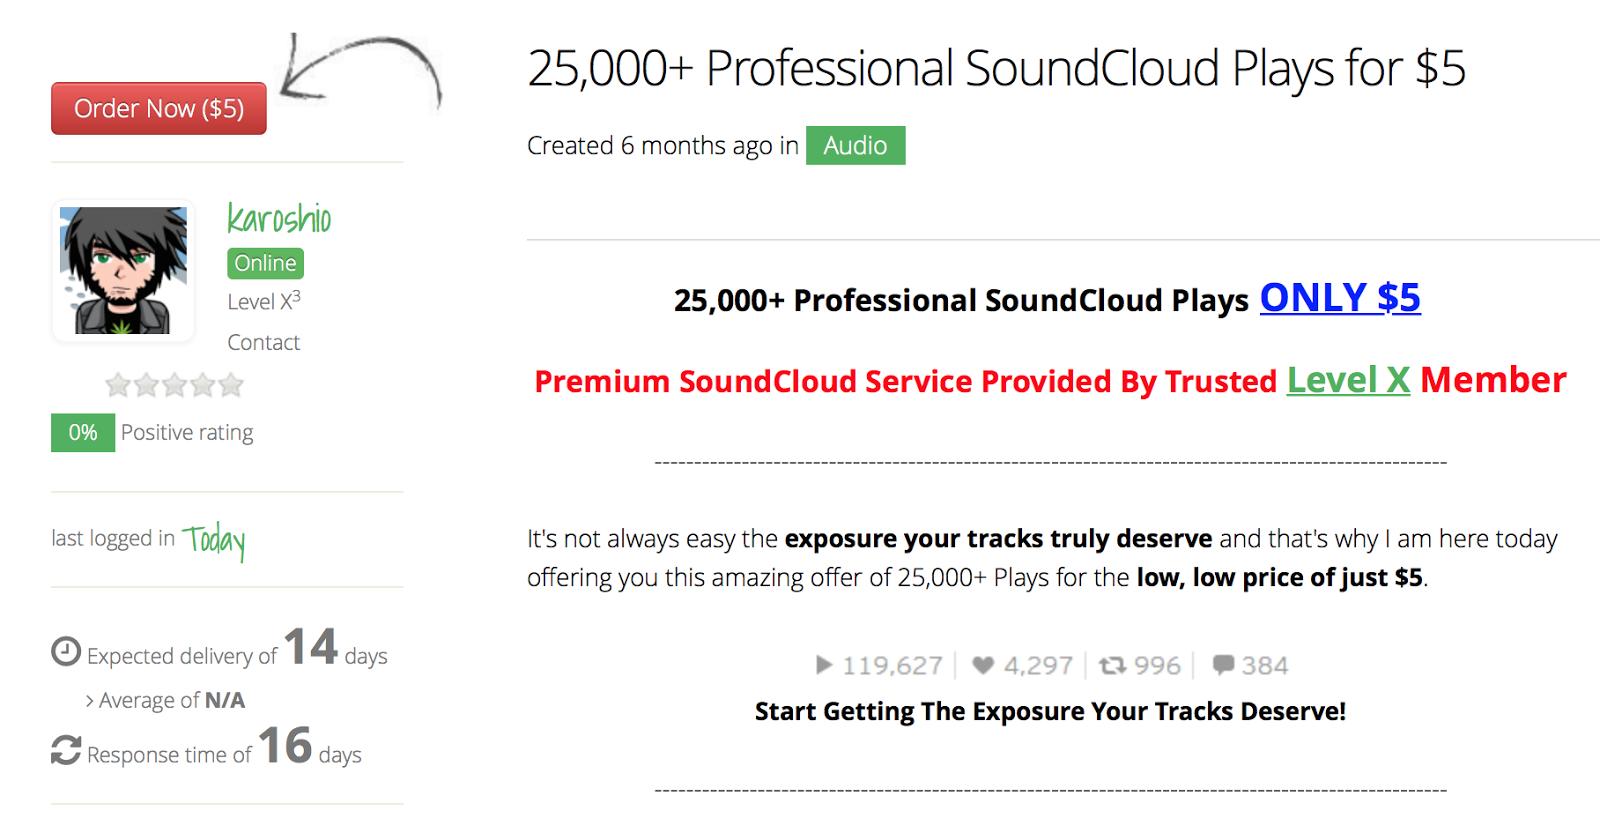 25.000 riproduzioni su SoundCloud per 5 dollari